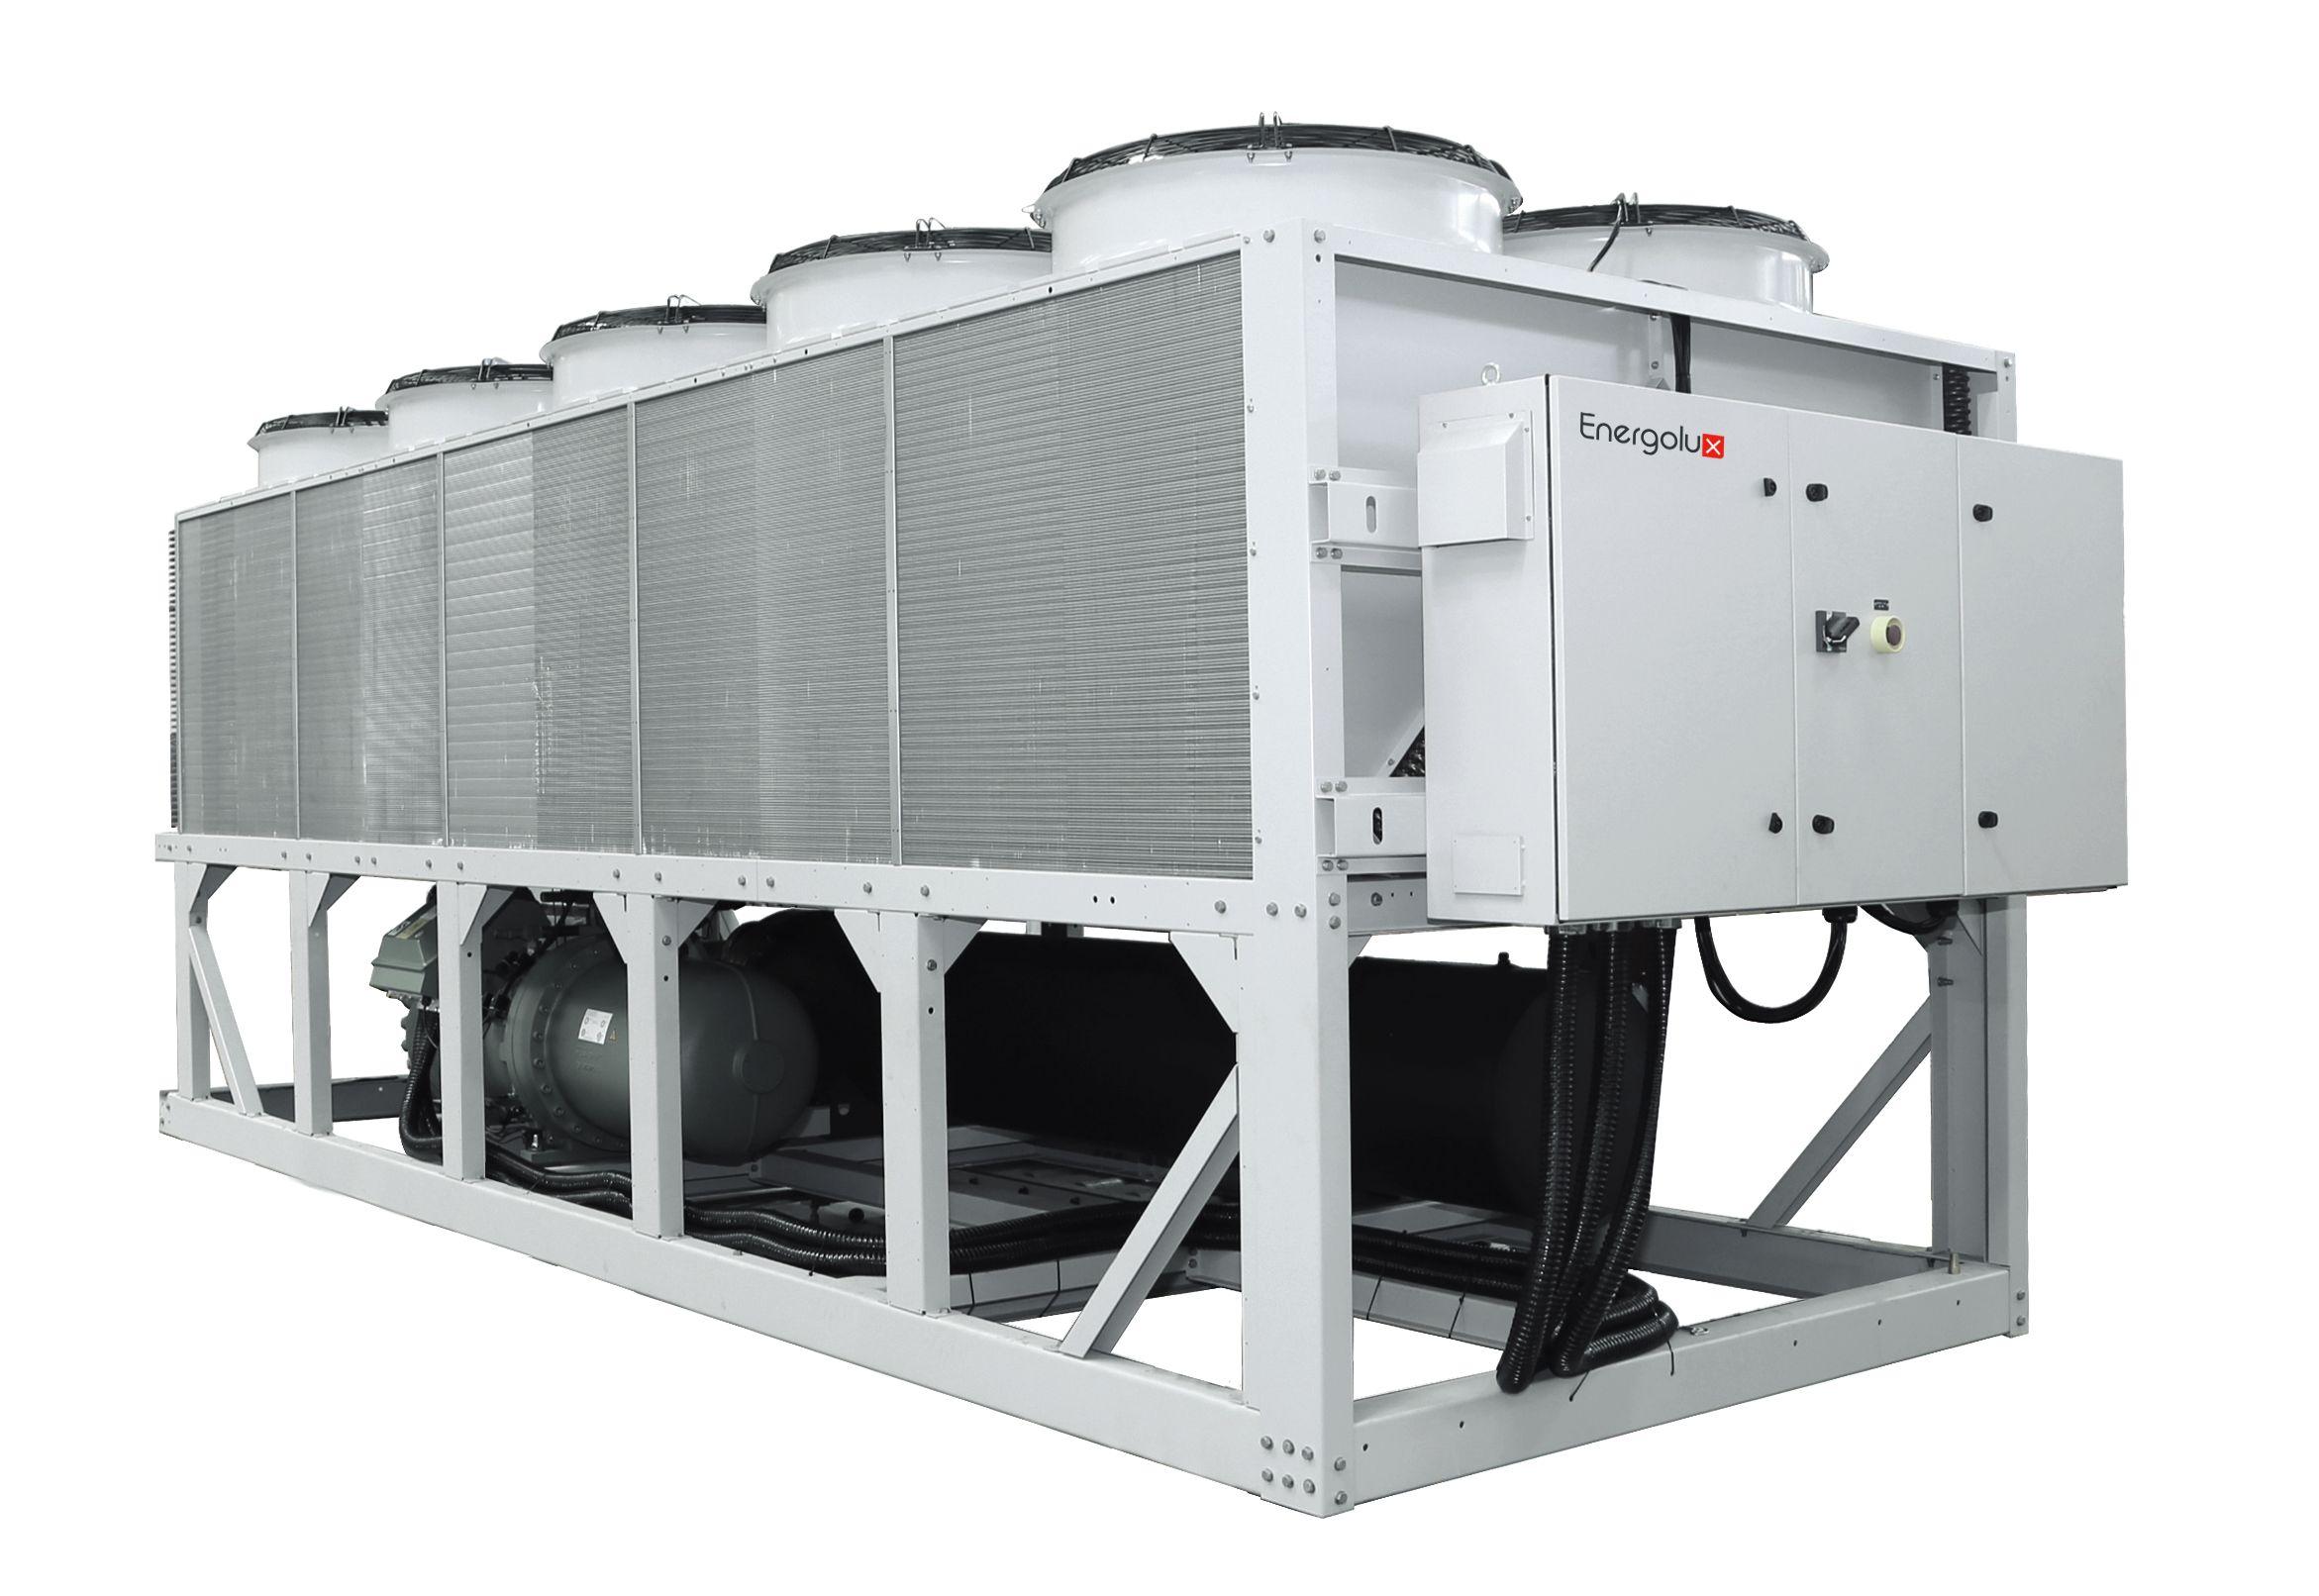 Energolux SCAW-T 21080 V